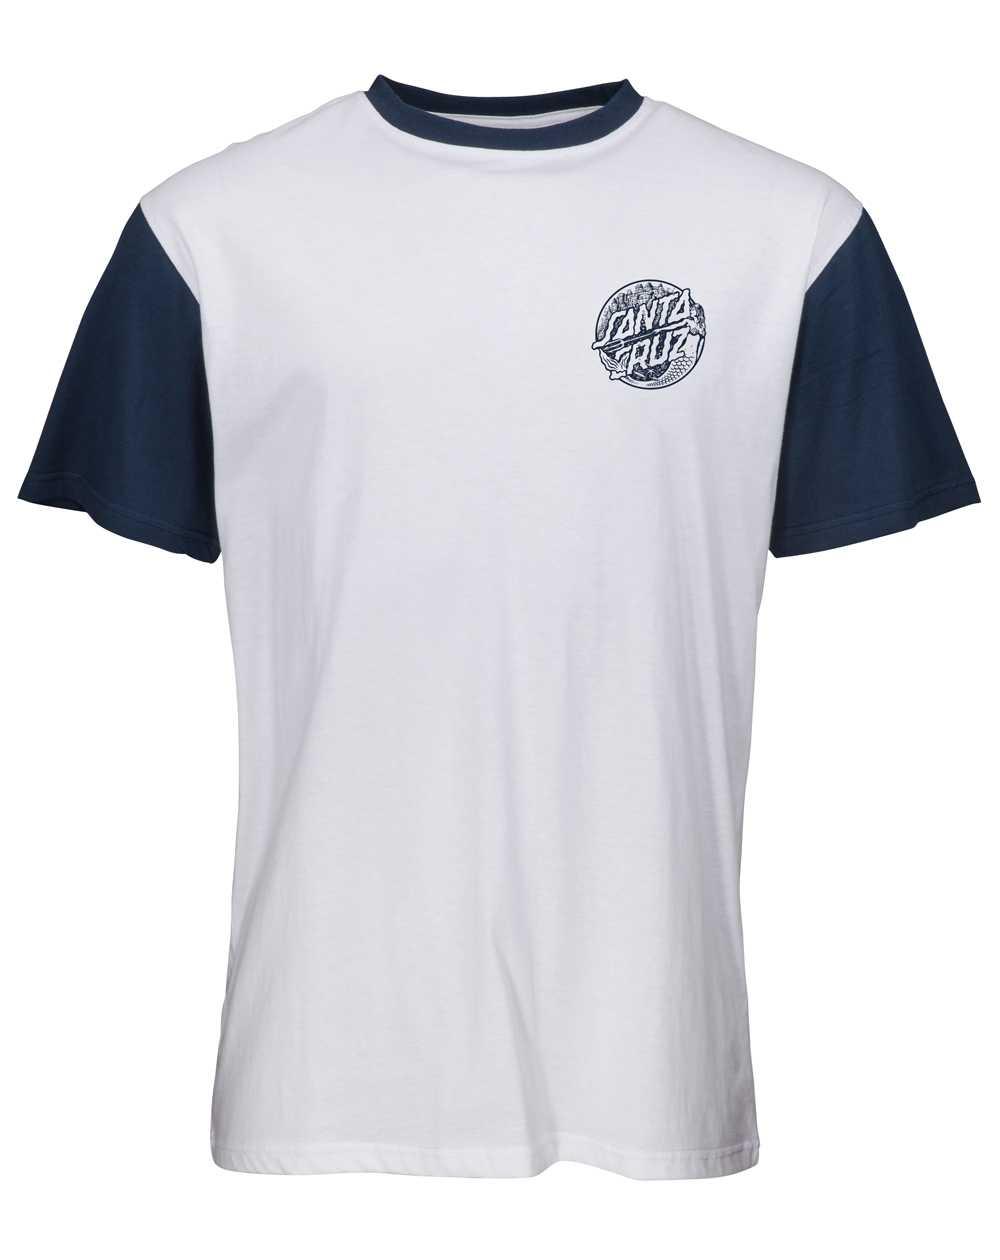 Santa Cruz Men's T-Shirt Mermaid Dot White